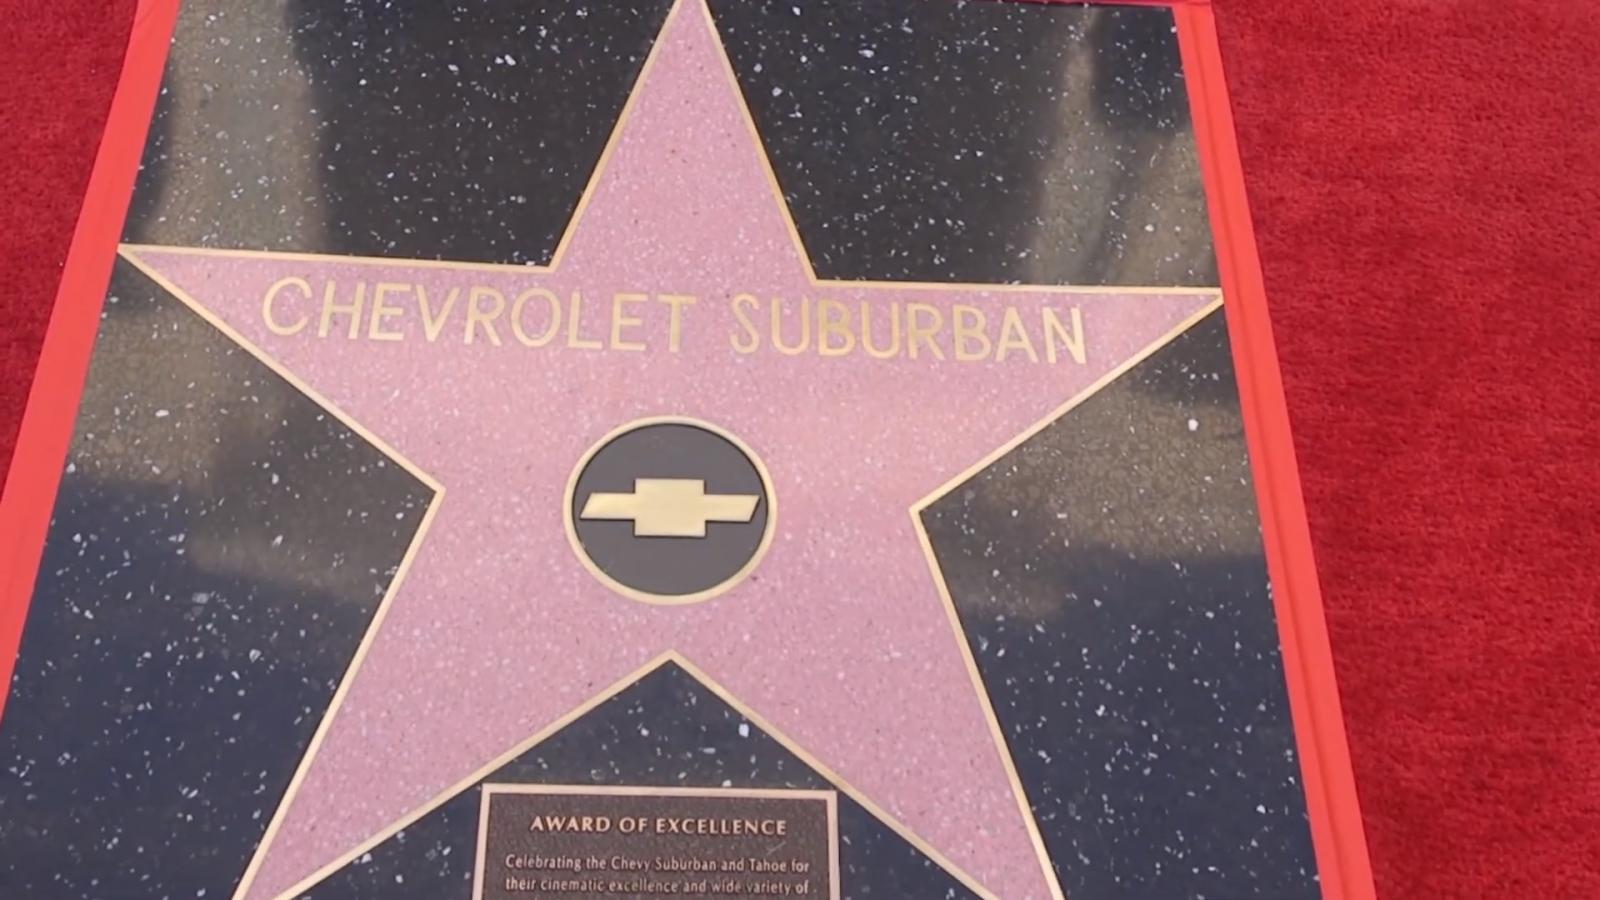 La Chevrolet Suburban tiene una gran historia en el séptimo arte